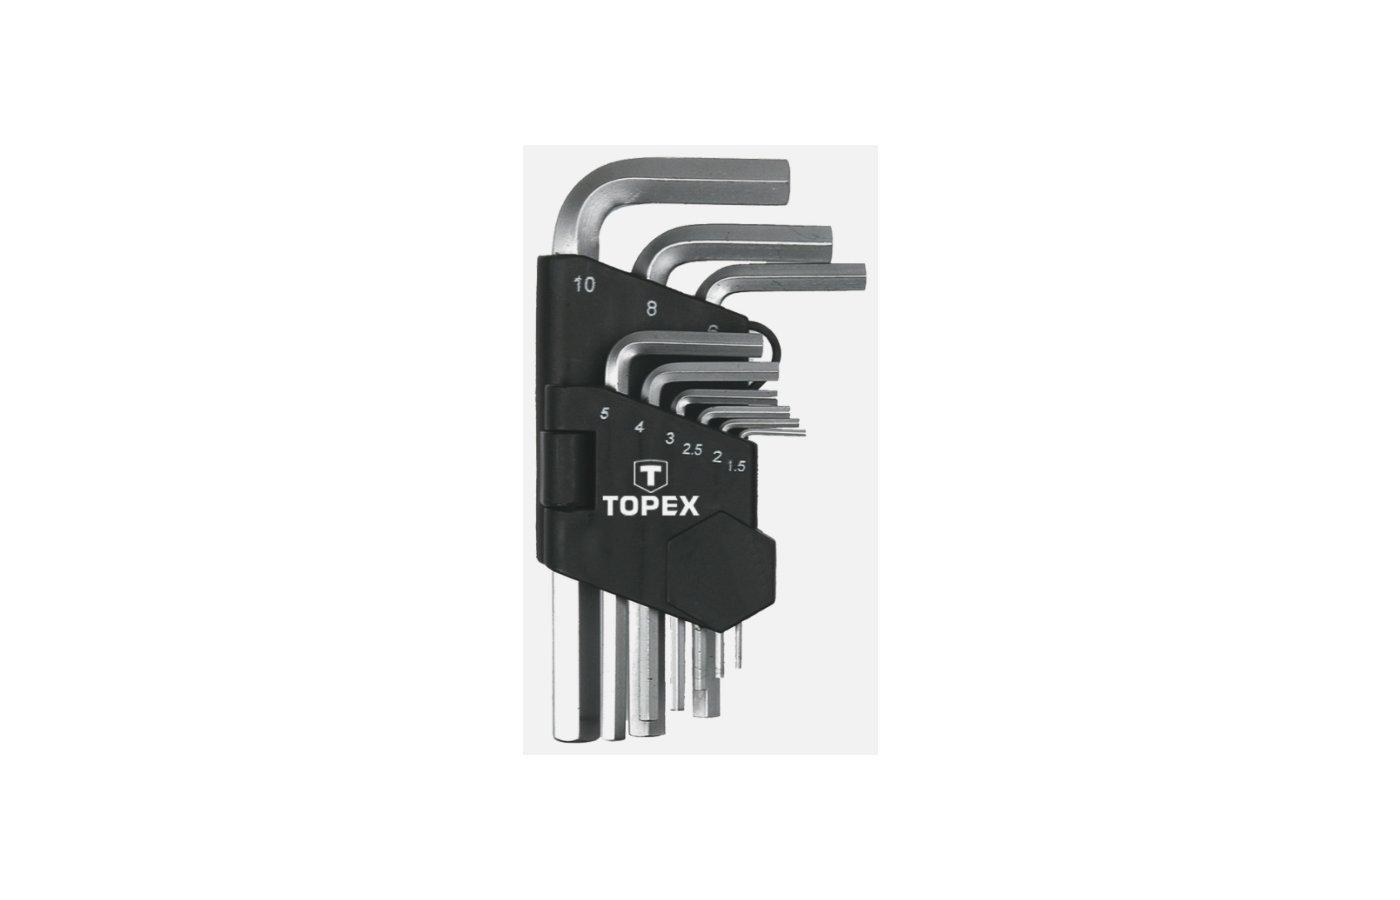 Набор ручных инструментов TOPEX 35D955 Ключи шестигранные 1.5-10 мм. набор 9 шт.